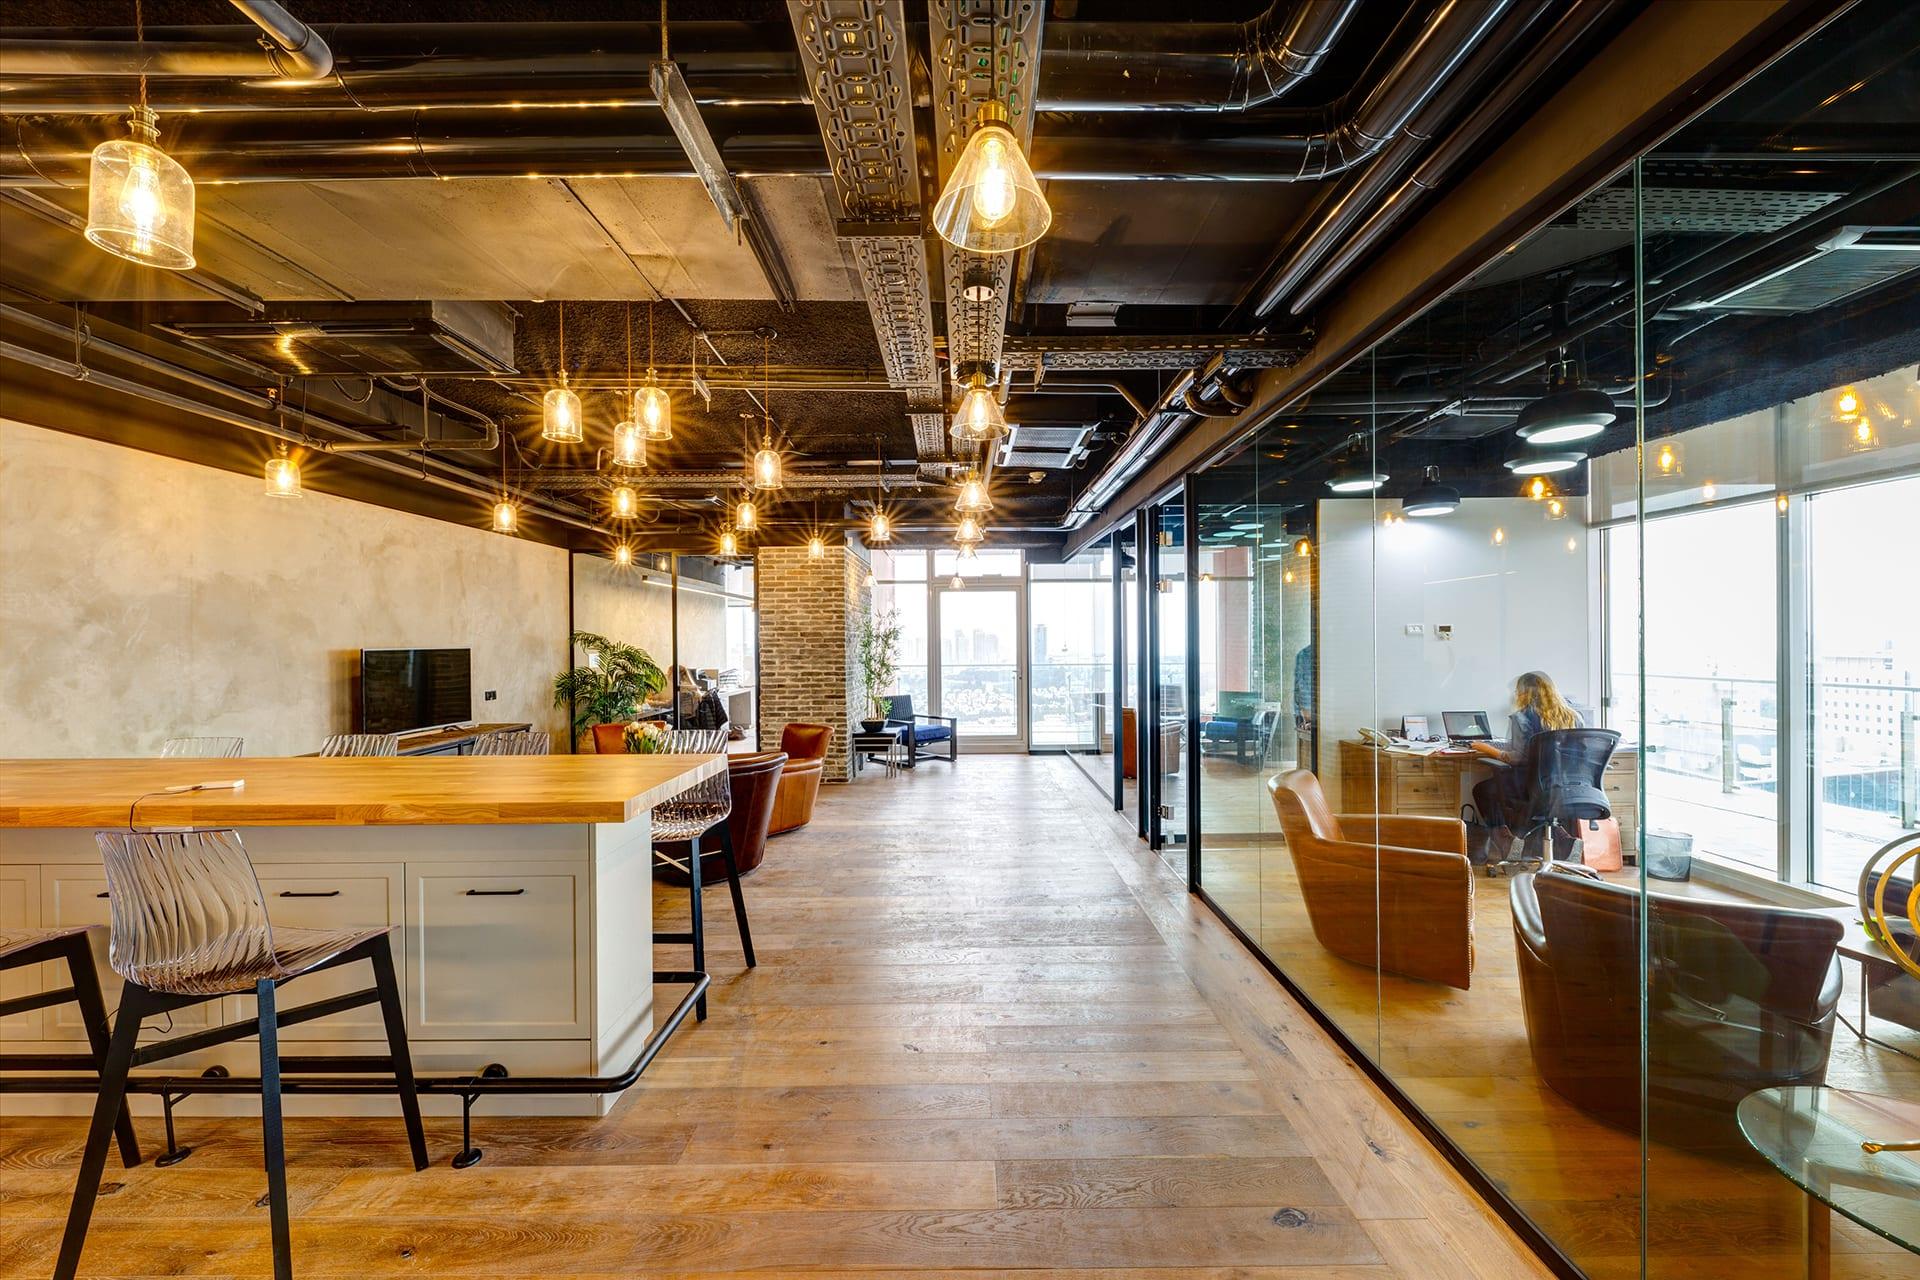 עיצוב משרדים | תכנון סביבת עבודה | תכנון ועיצוב משרדי הייטק